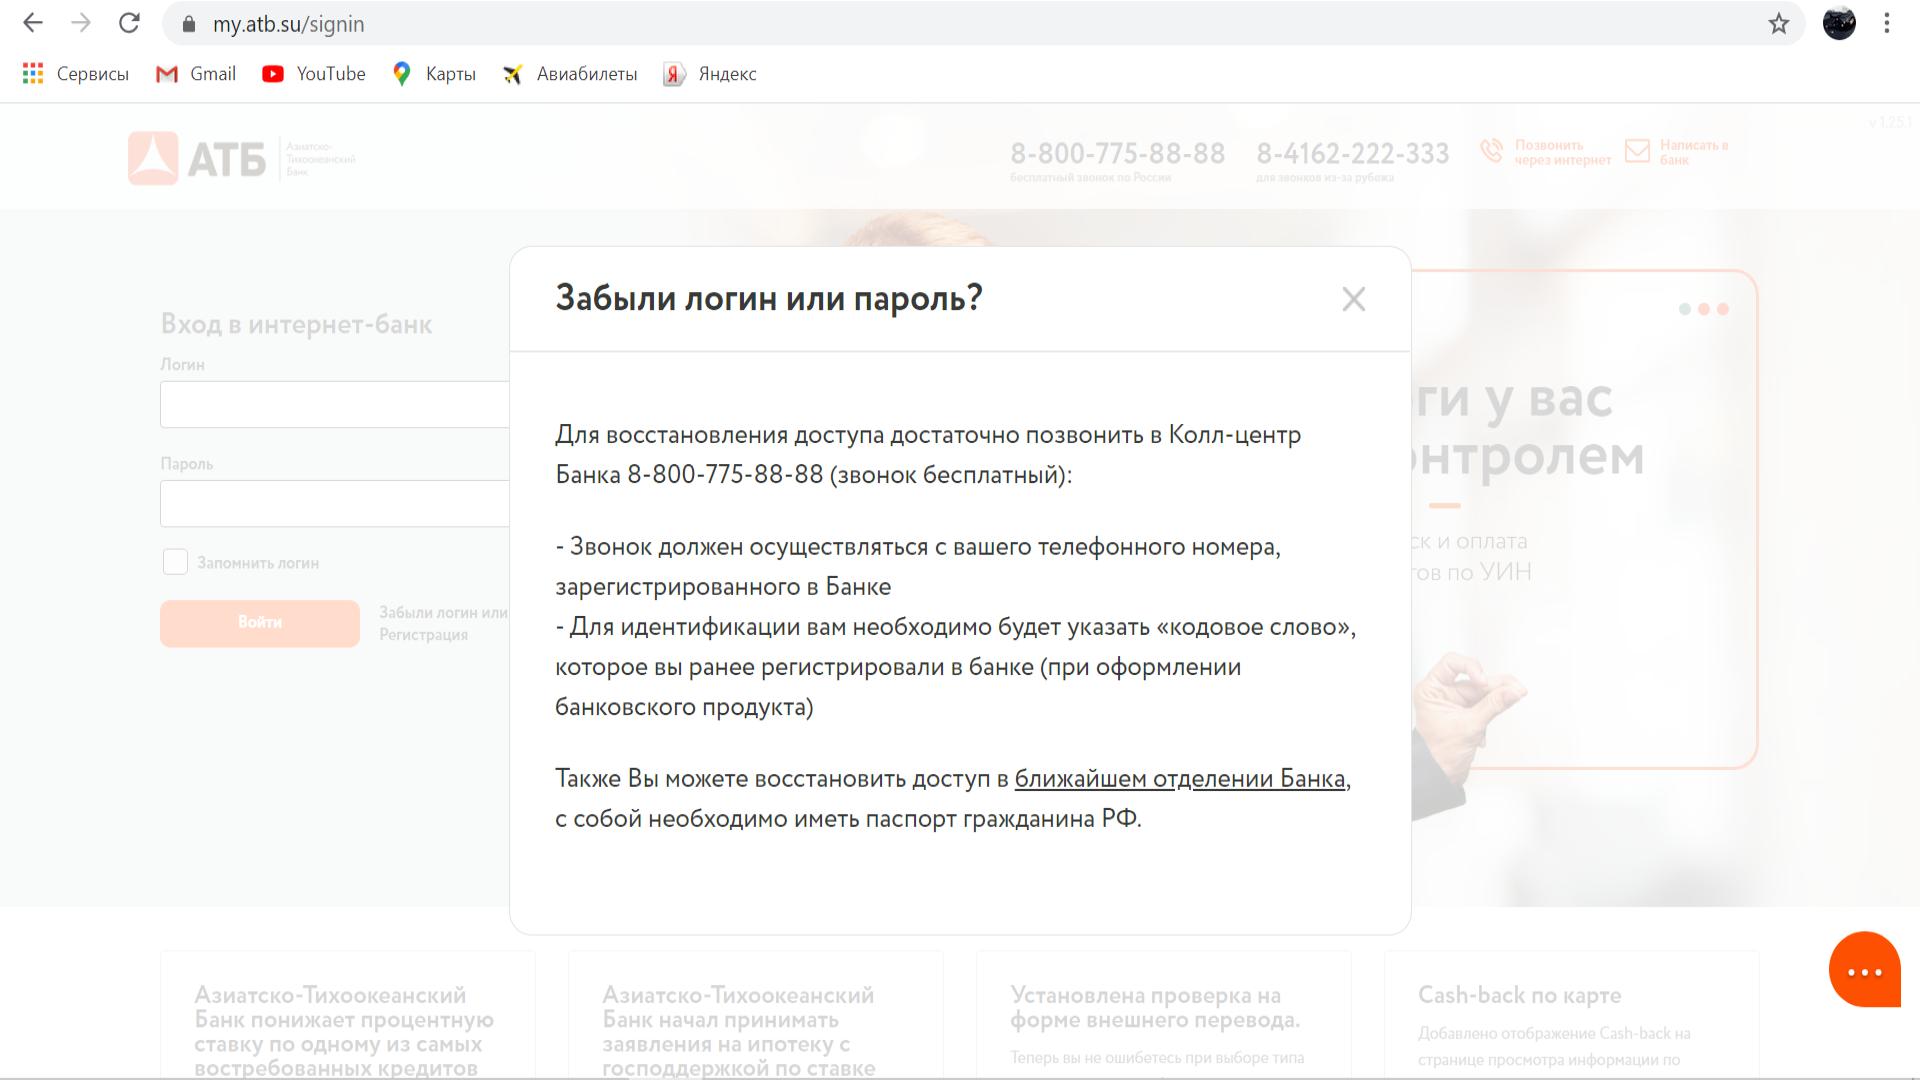 восстановление пароля от личного кабинета атб онлайн